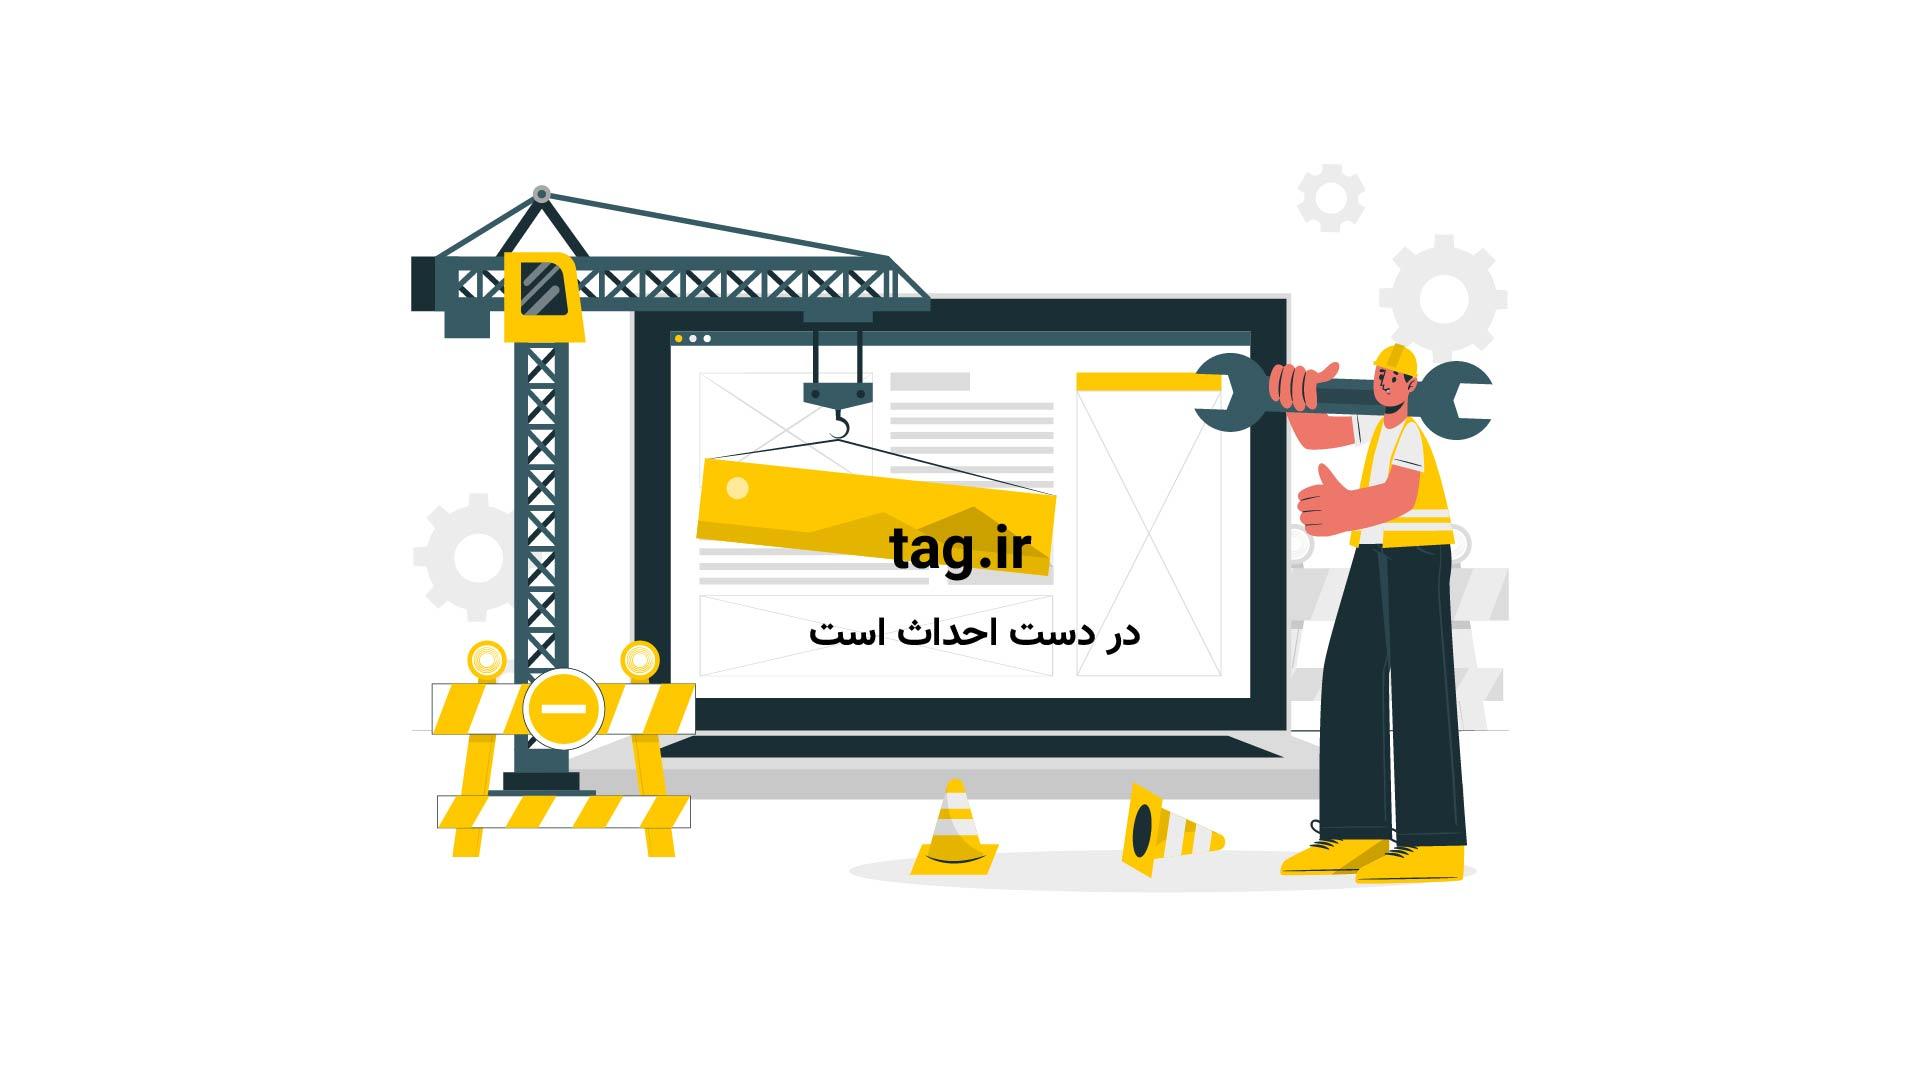 مناظر زیبا و دیدنی استان سمنان | فیلم